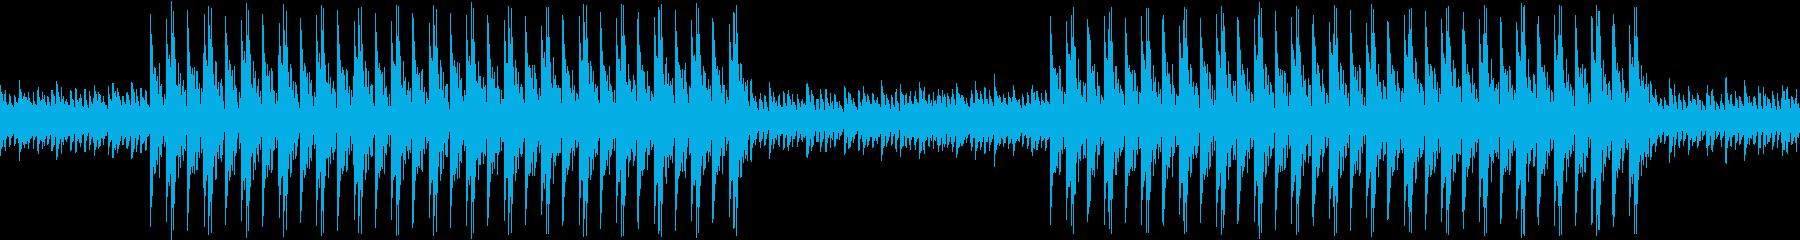 不気味なダークトラップヒップホップBGMの再生済みの波形